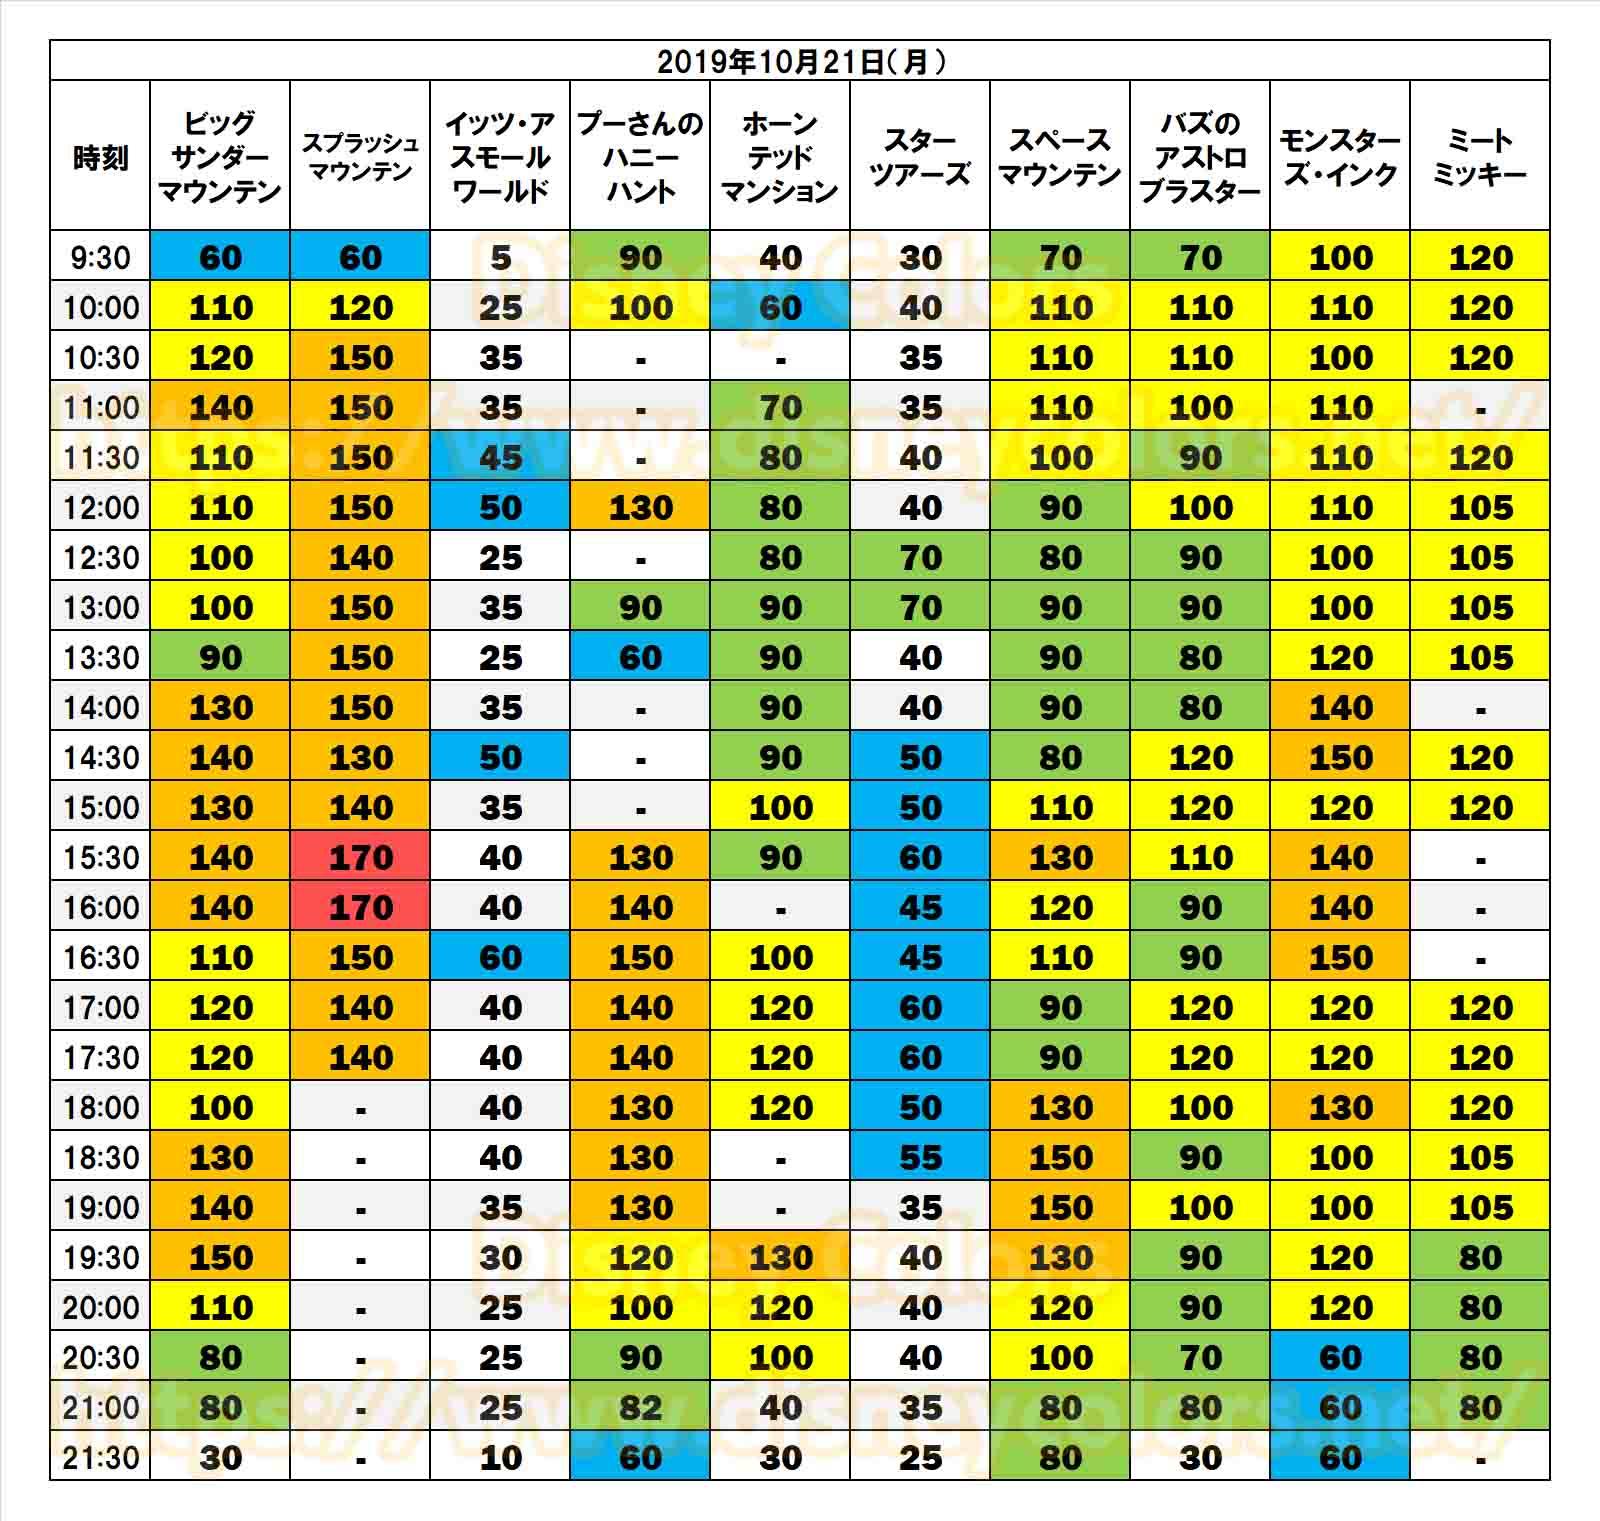 2019年10月21日 東京ディズニランド 待ち時間